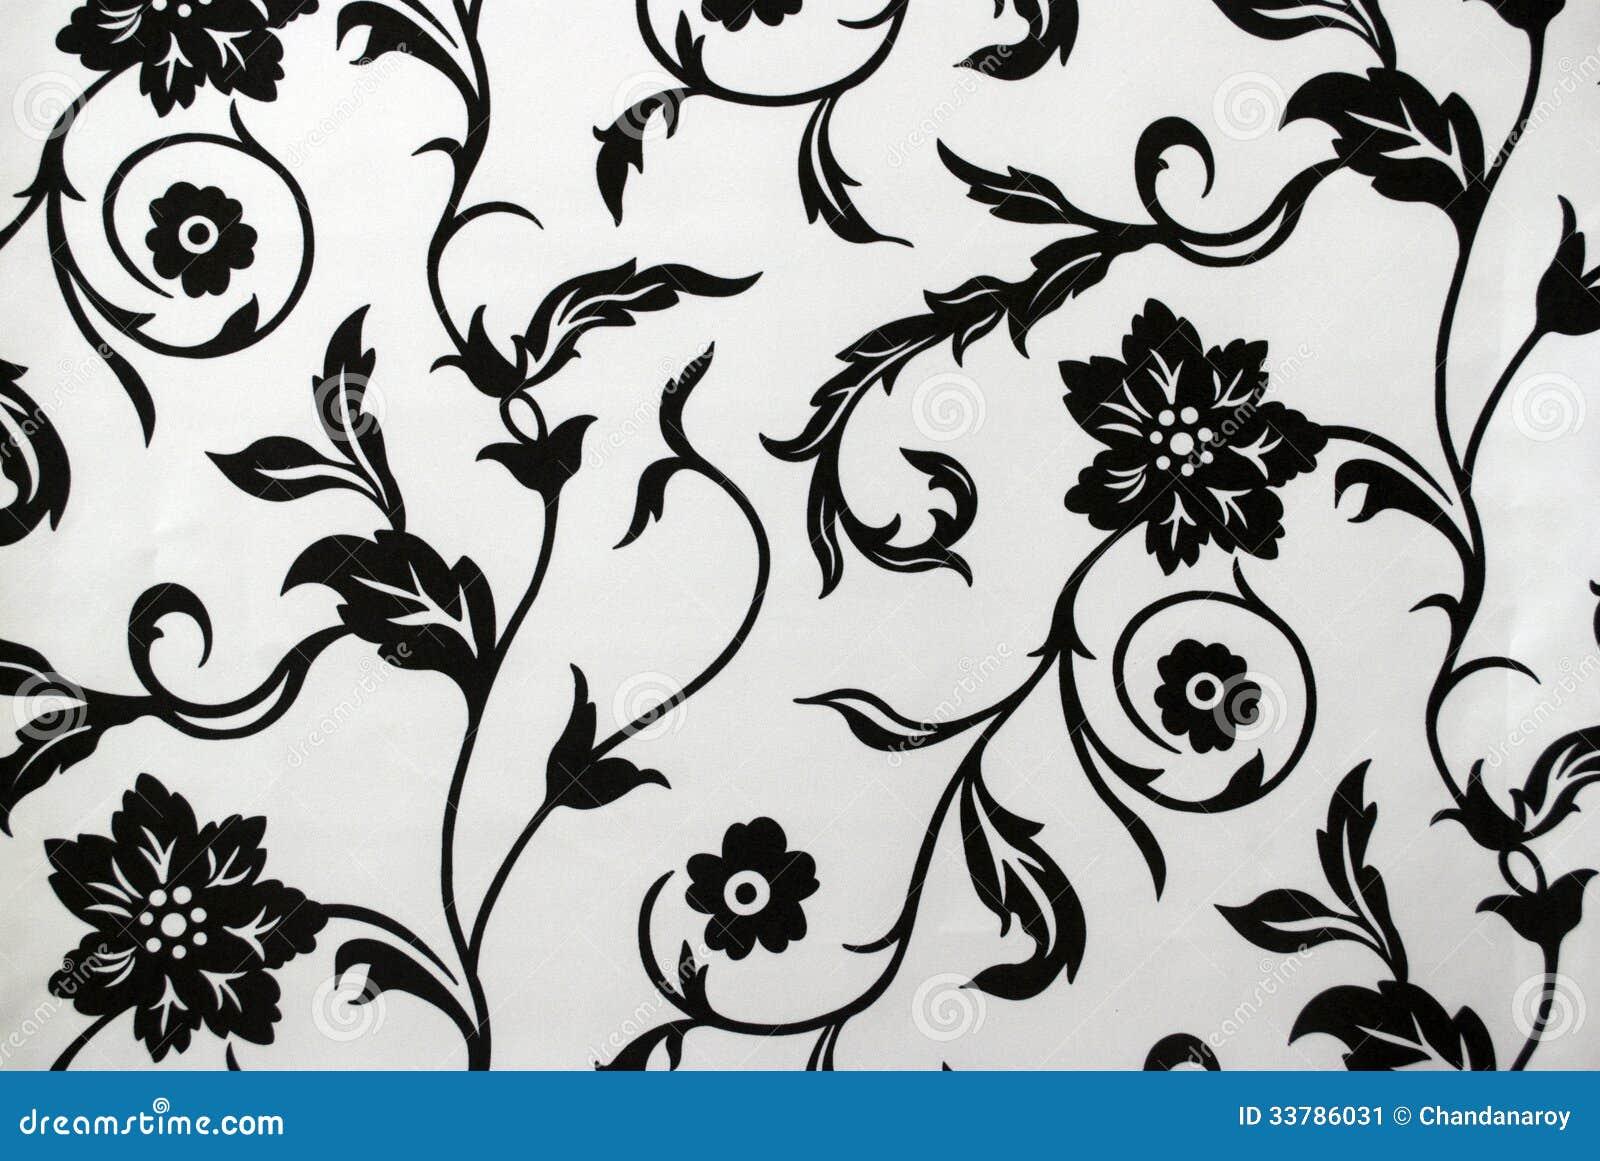 Modele De Papier Peint De Vintage En Noir Et Blanc Image Stock